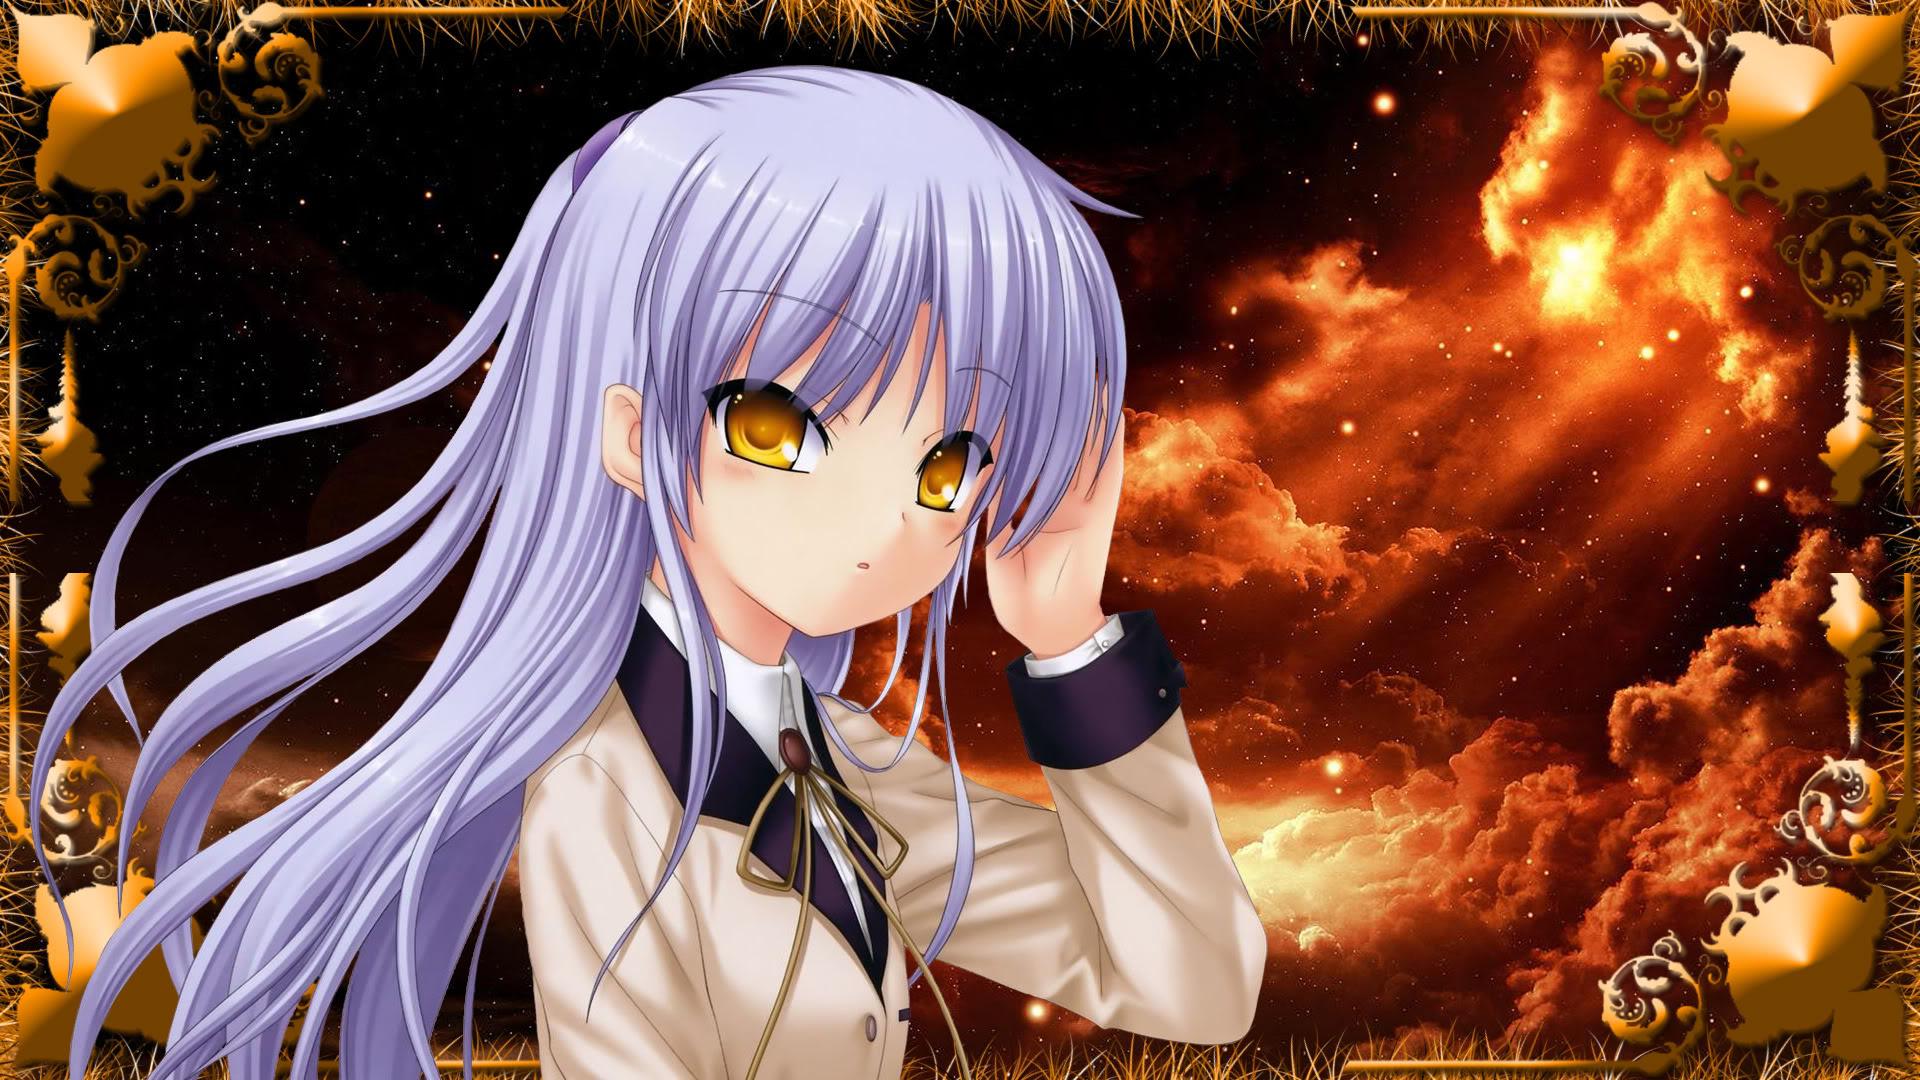 Fondos De Pantalla 1920x1080 Angel Beats Anime Descargar